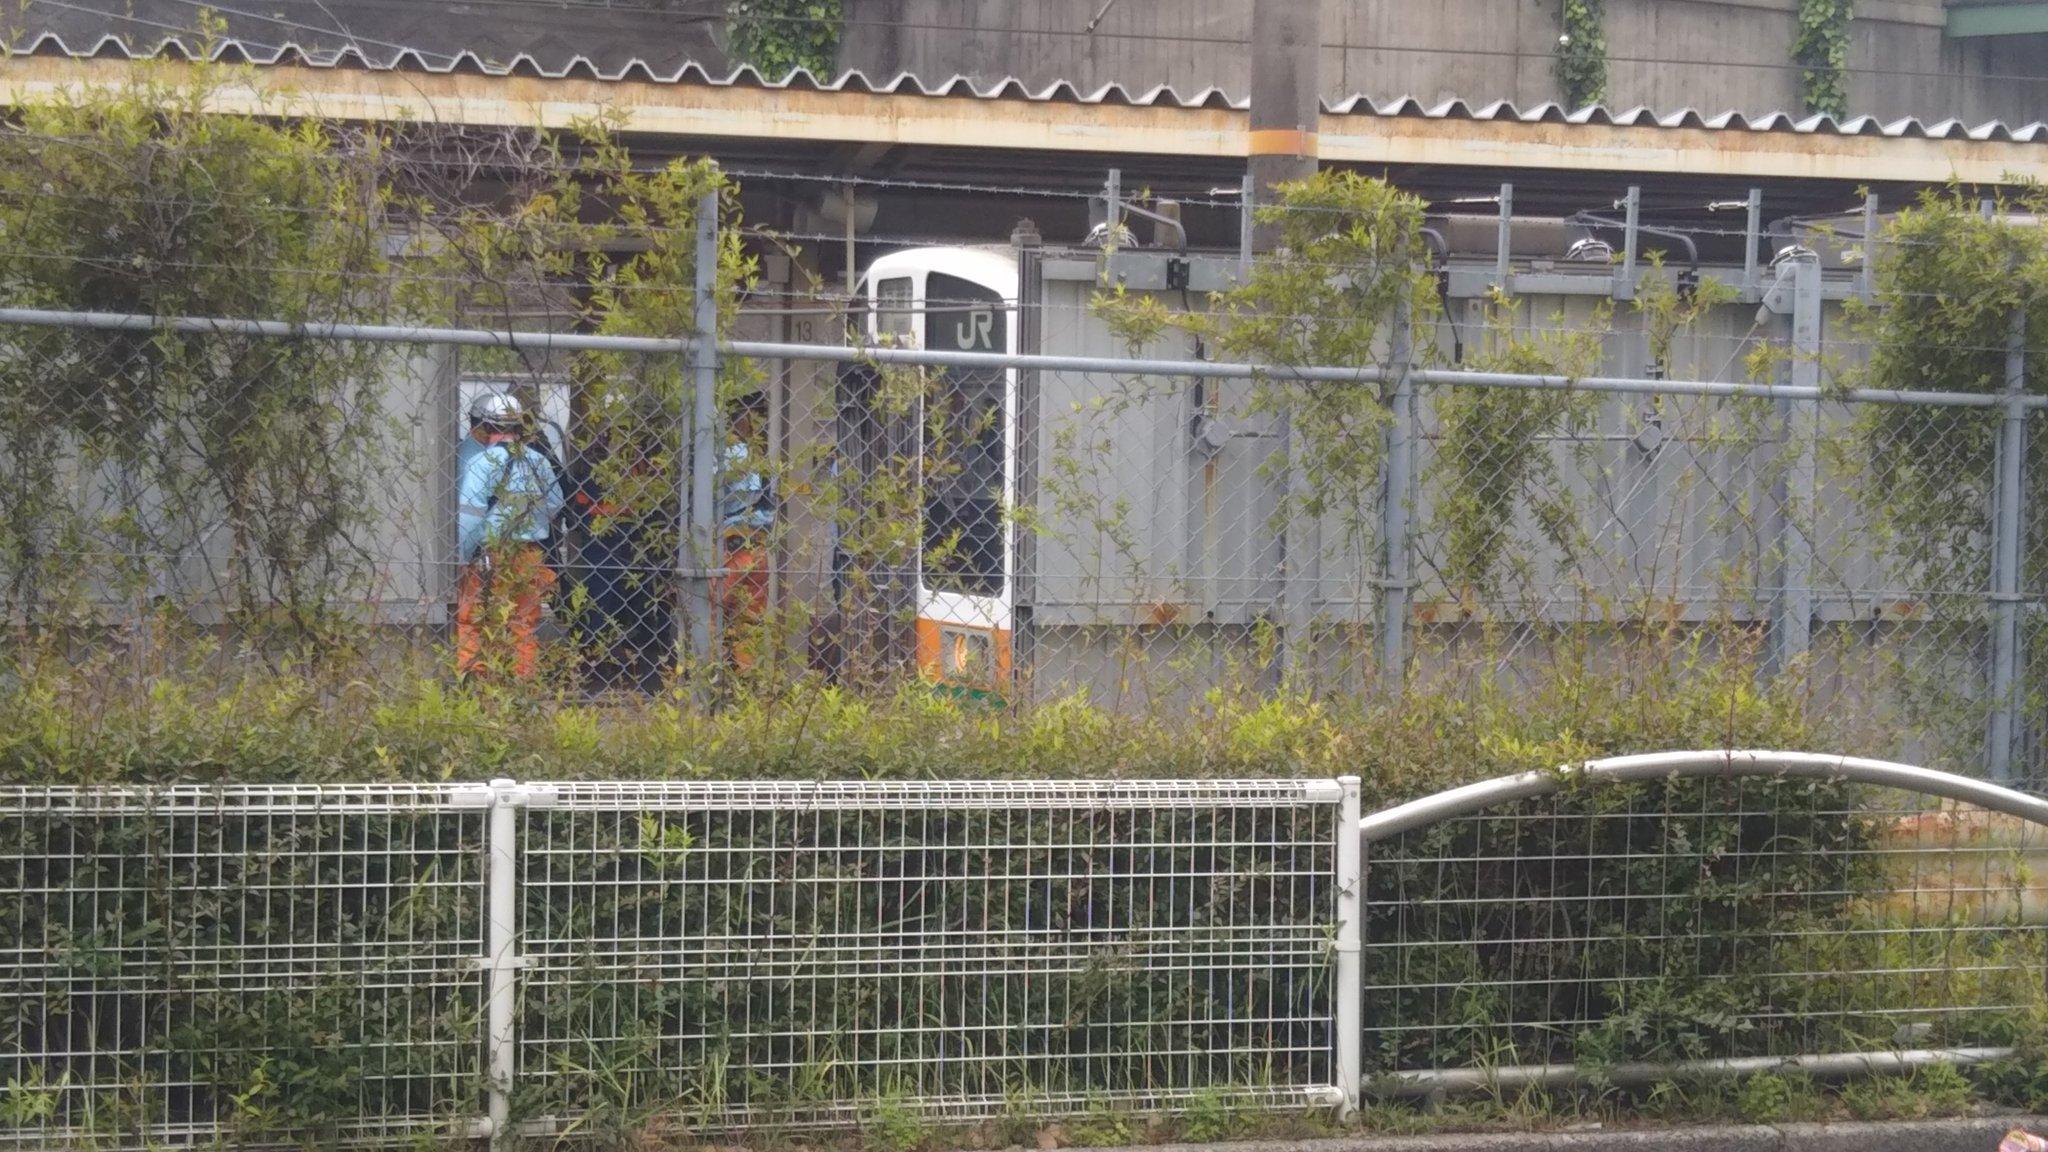 千種駅の人身事故で救護活動している現場の画像